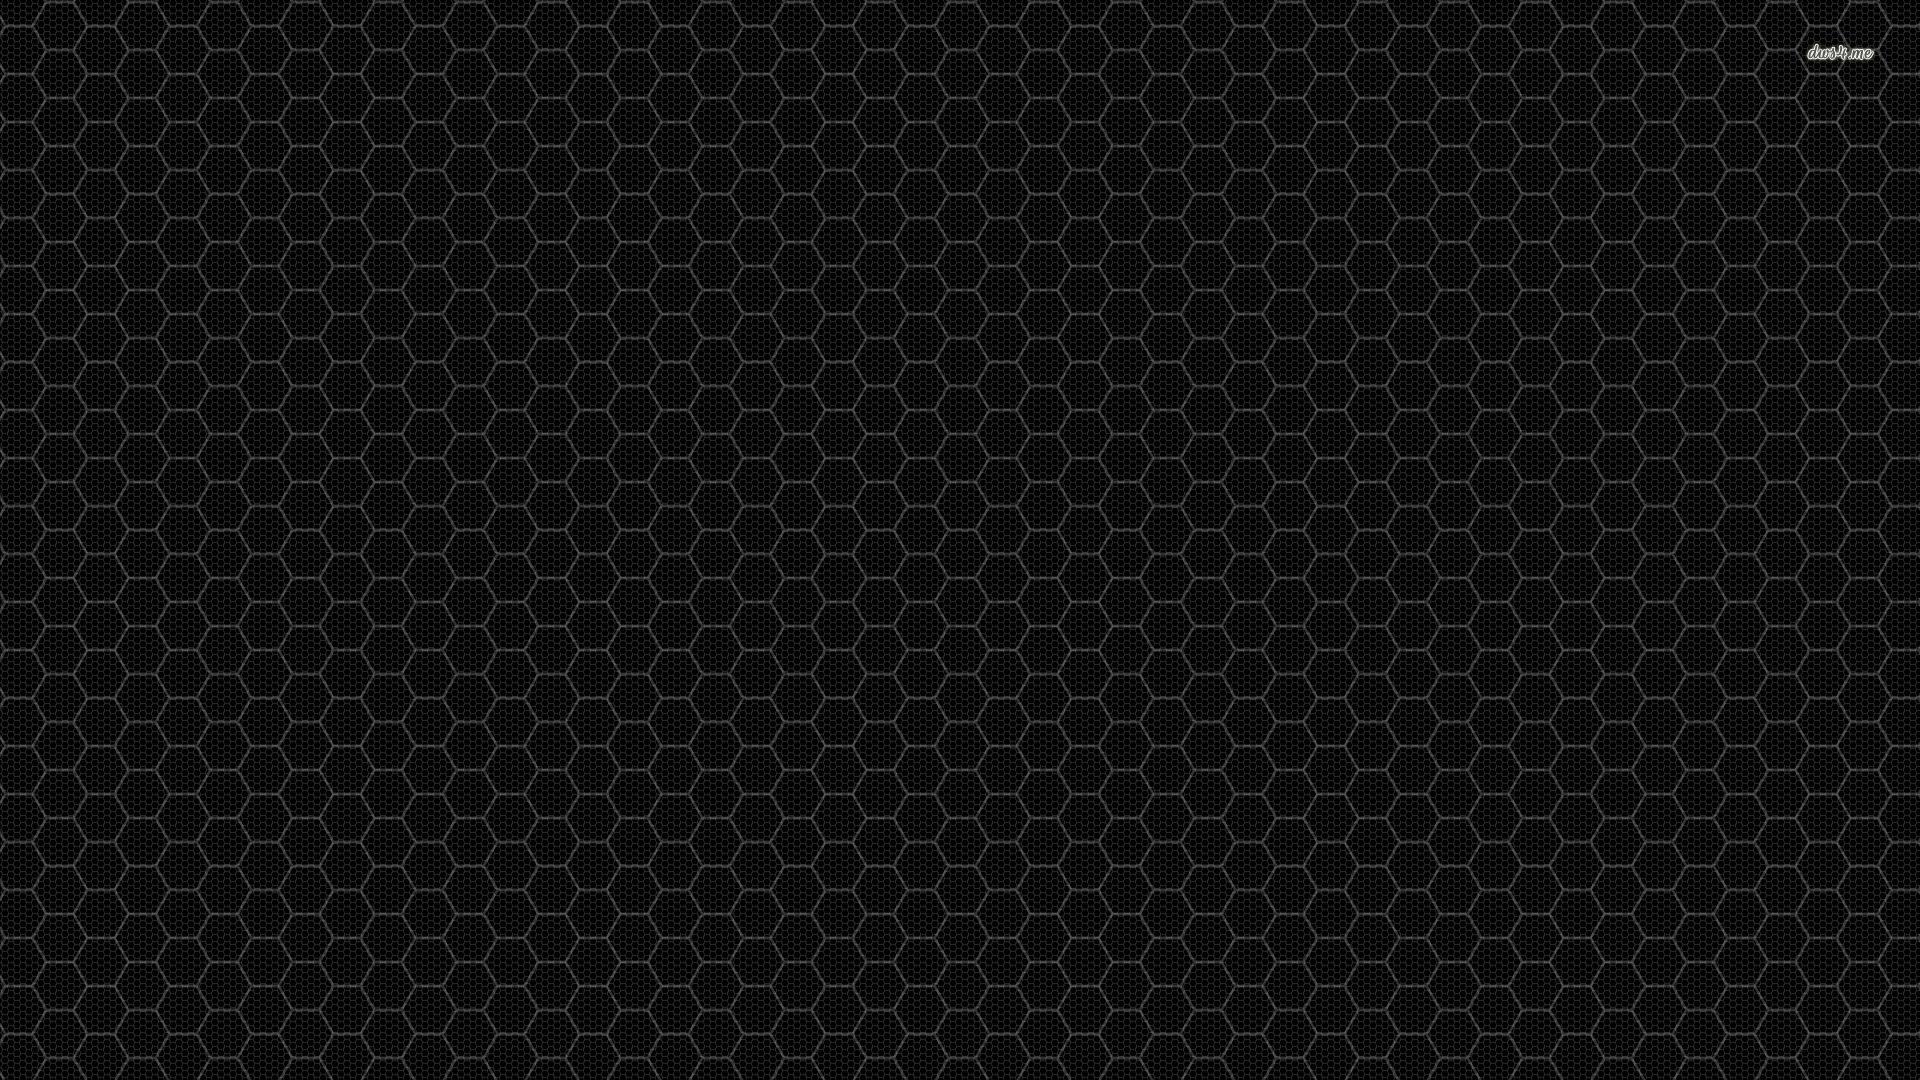 Hexagonal Pattern wallpaper – 679981